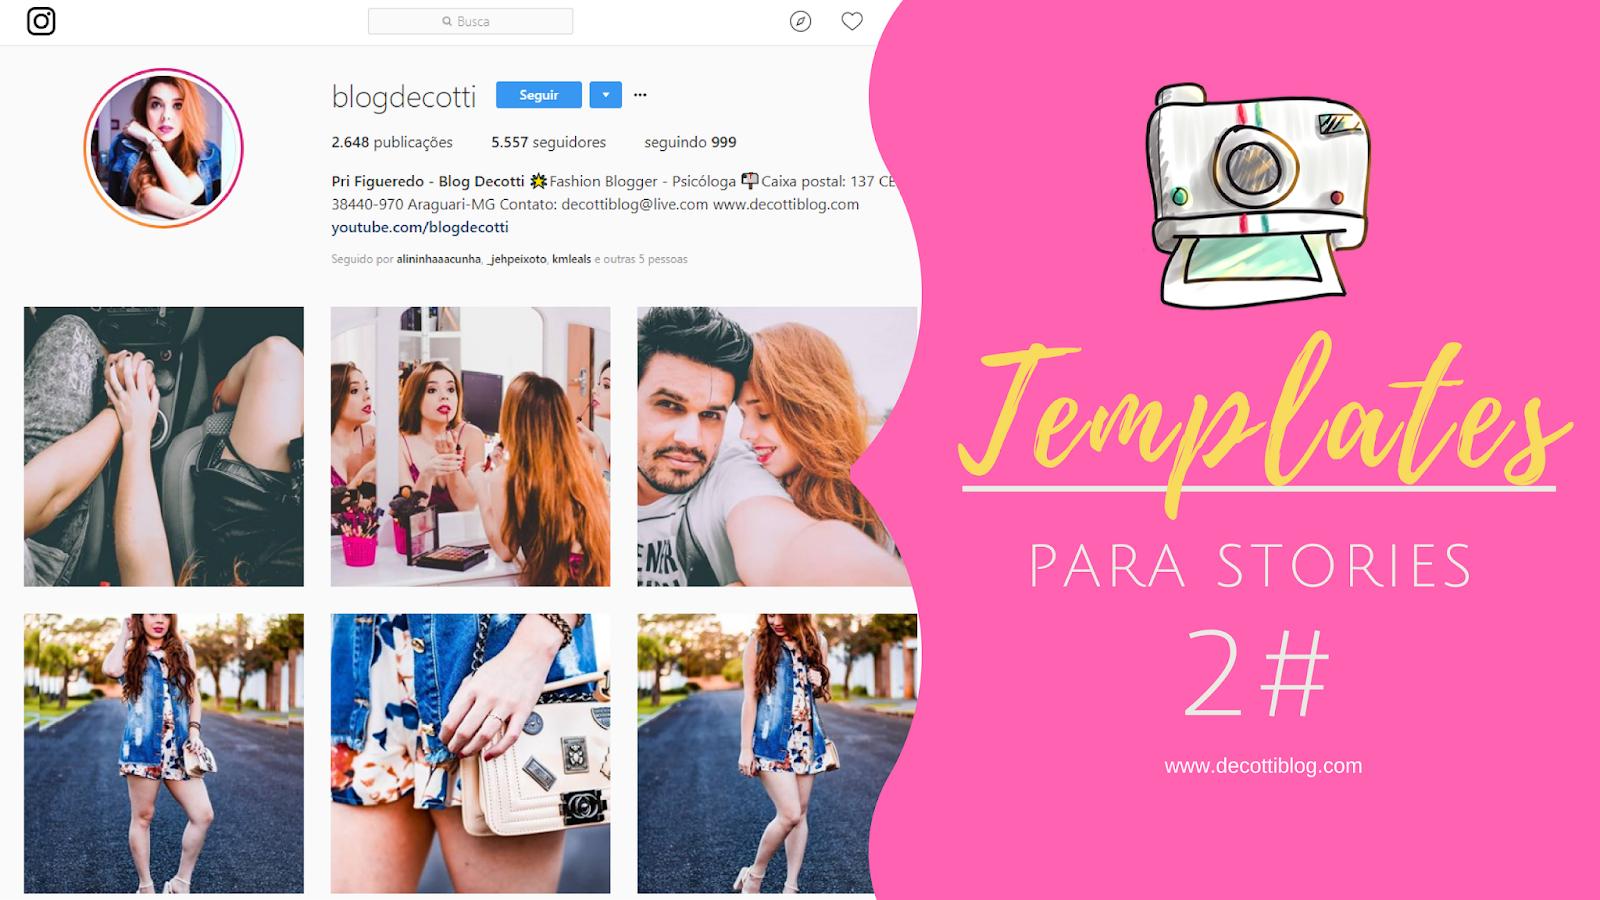 Templates para Instagram Stories - Deixando Seus Stories muito mais divertidos